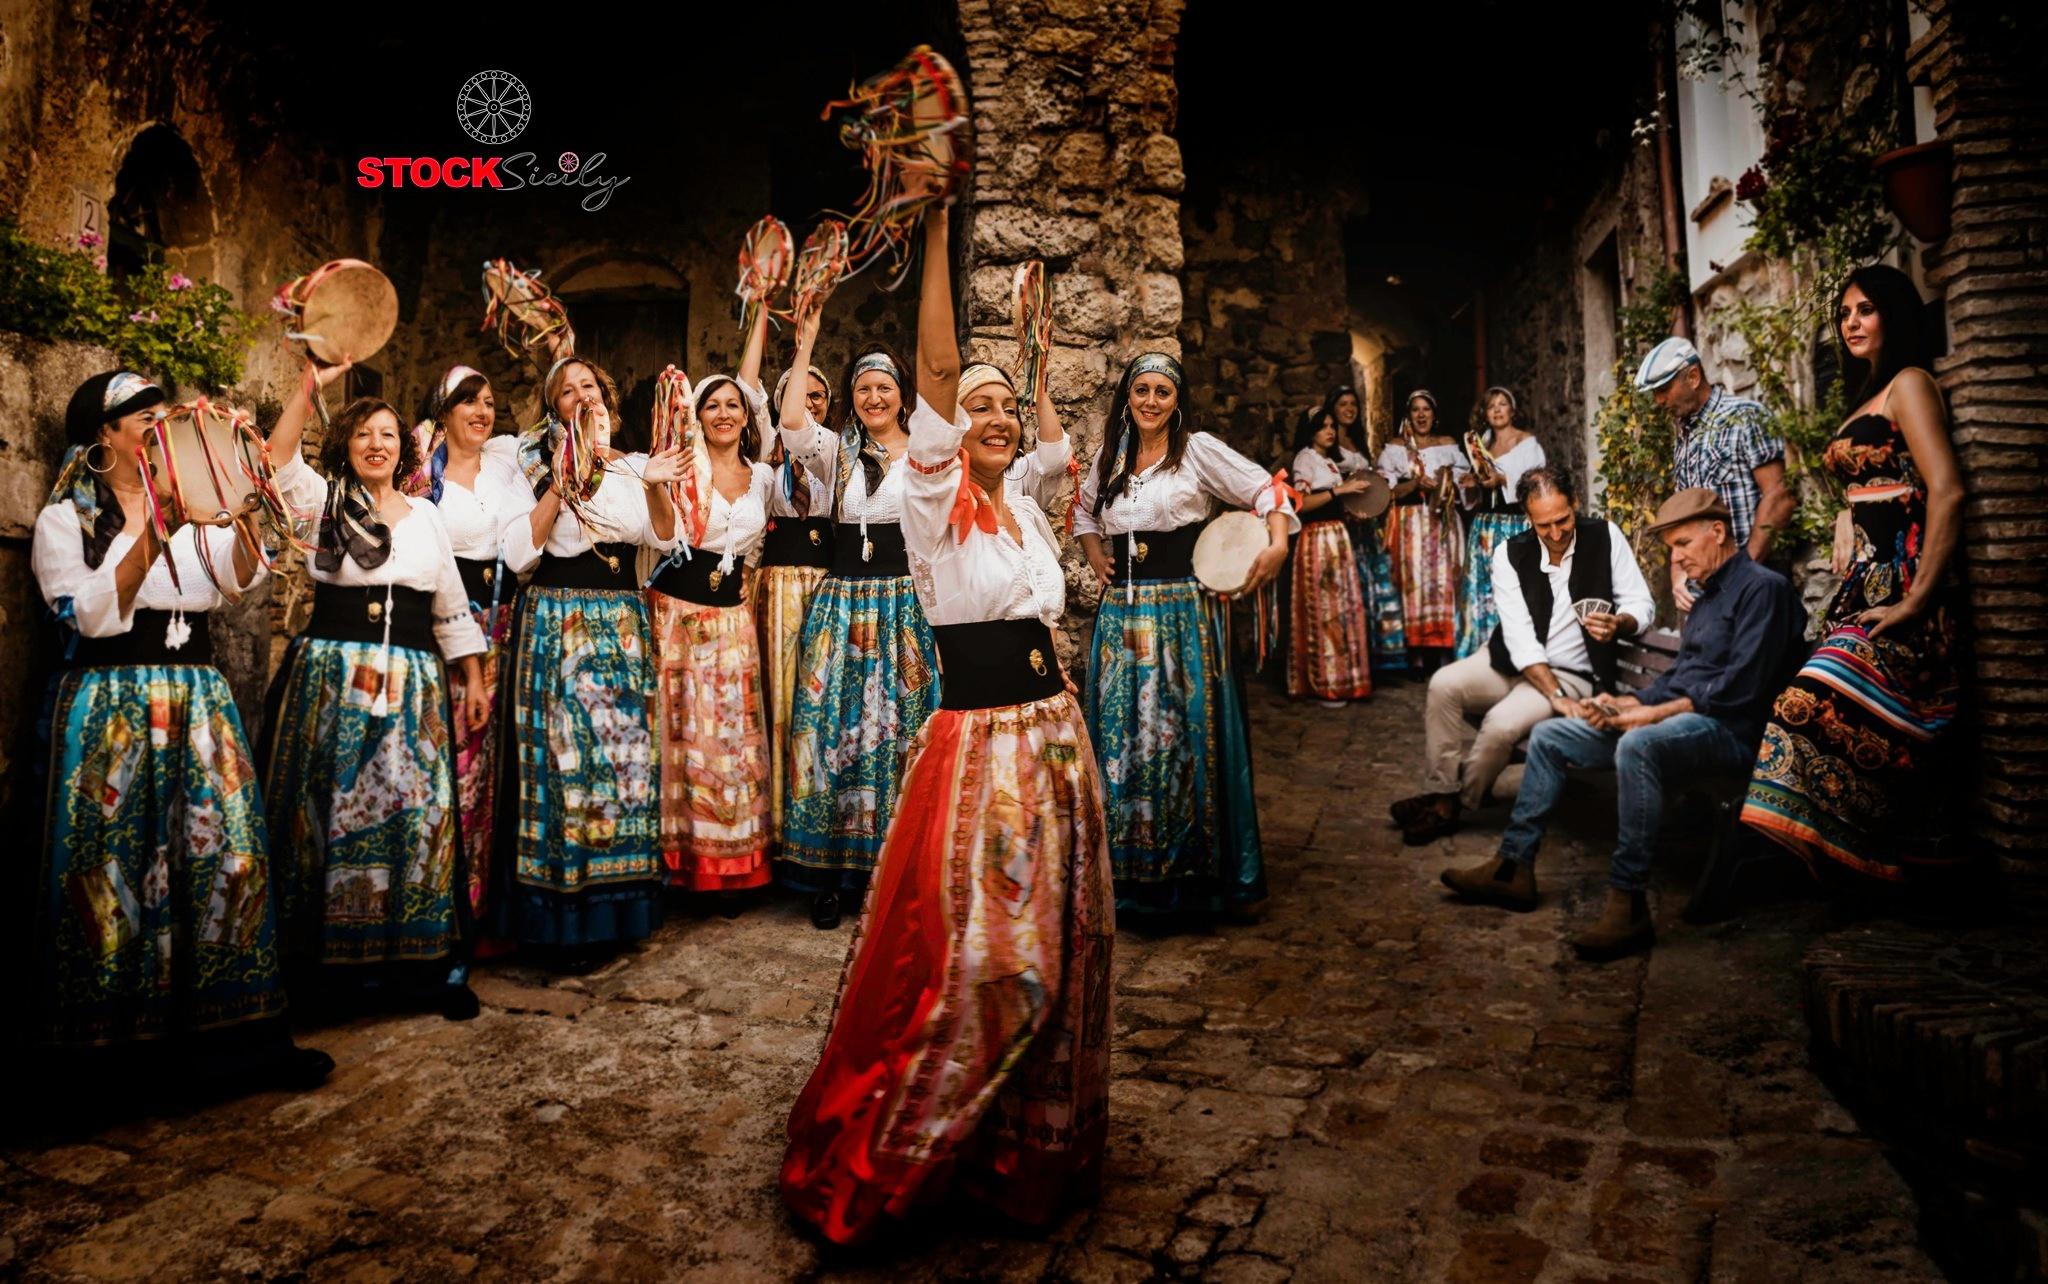 Gruppo folk siciliano